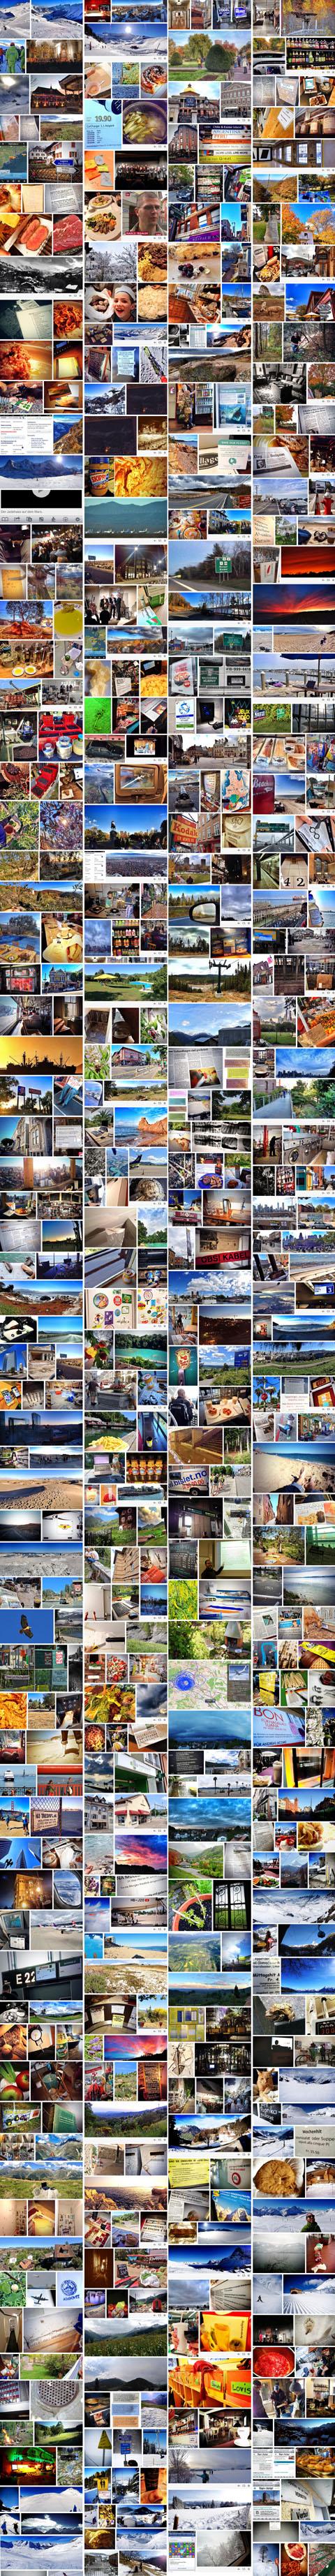 Das war 2013 - die vertwitterten Bilder des Jahres als bunt gemischte Collage